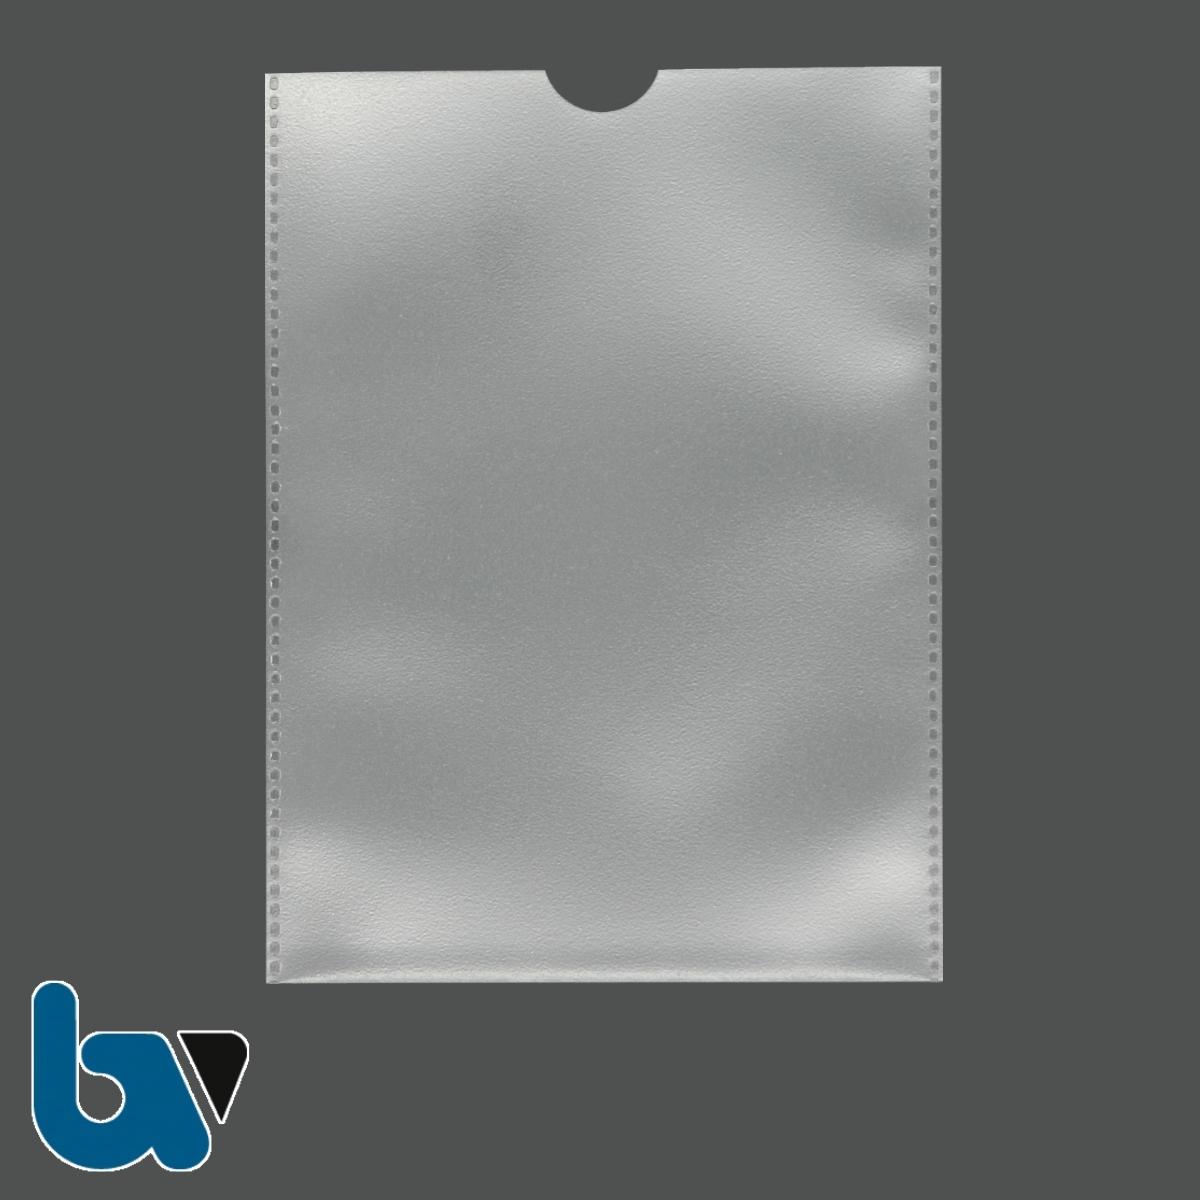 0/881 Schutzhülle Sichthülle Dokument Ausweis DIN A6 Bild 1 | Borgard Verlag GmbH